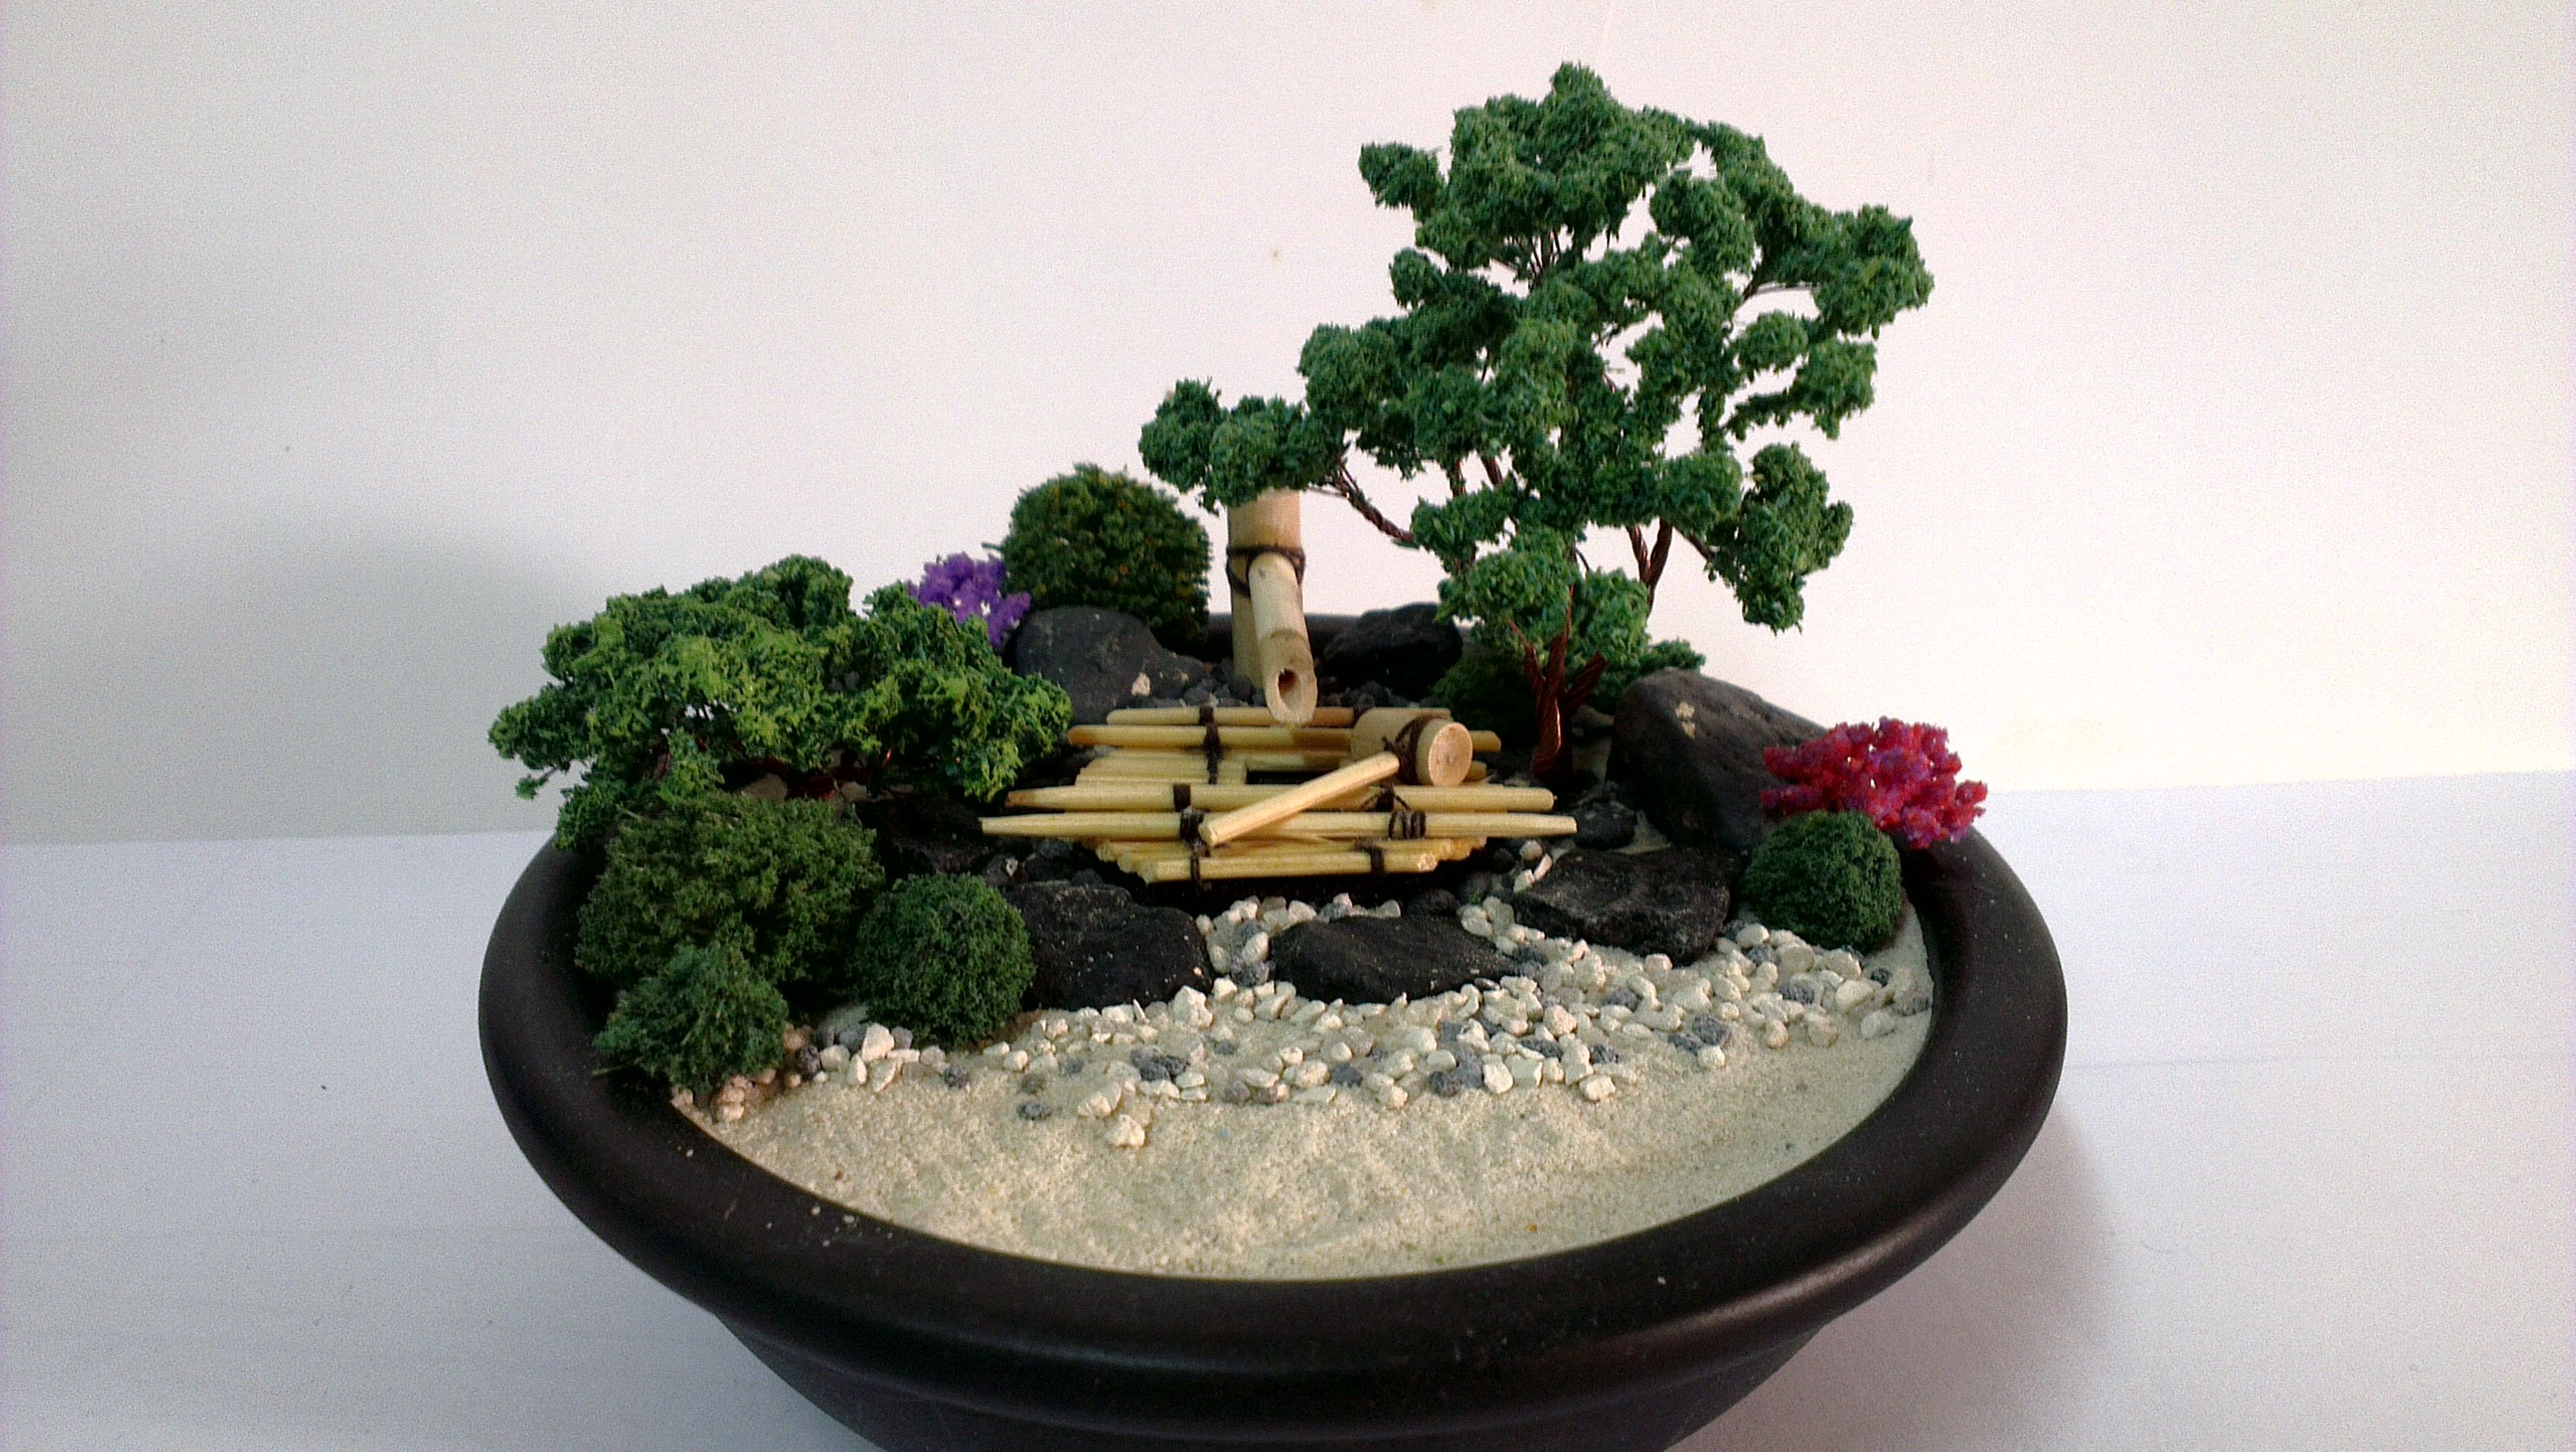 Miniature Zen Garden Miniature Zen Garden Zen Garden Zen